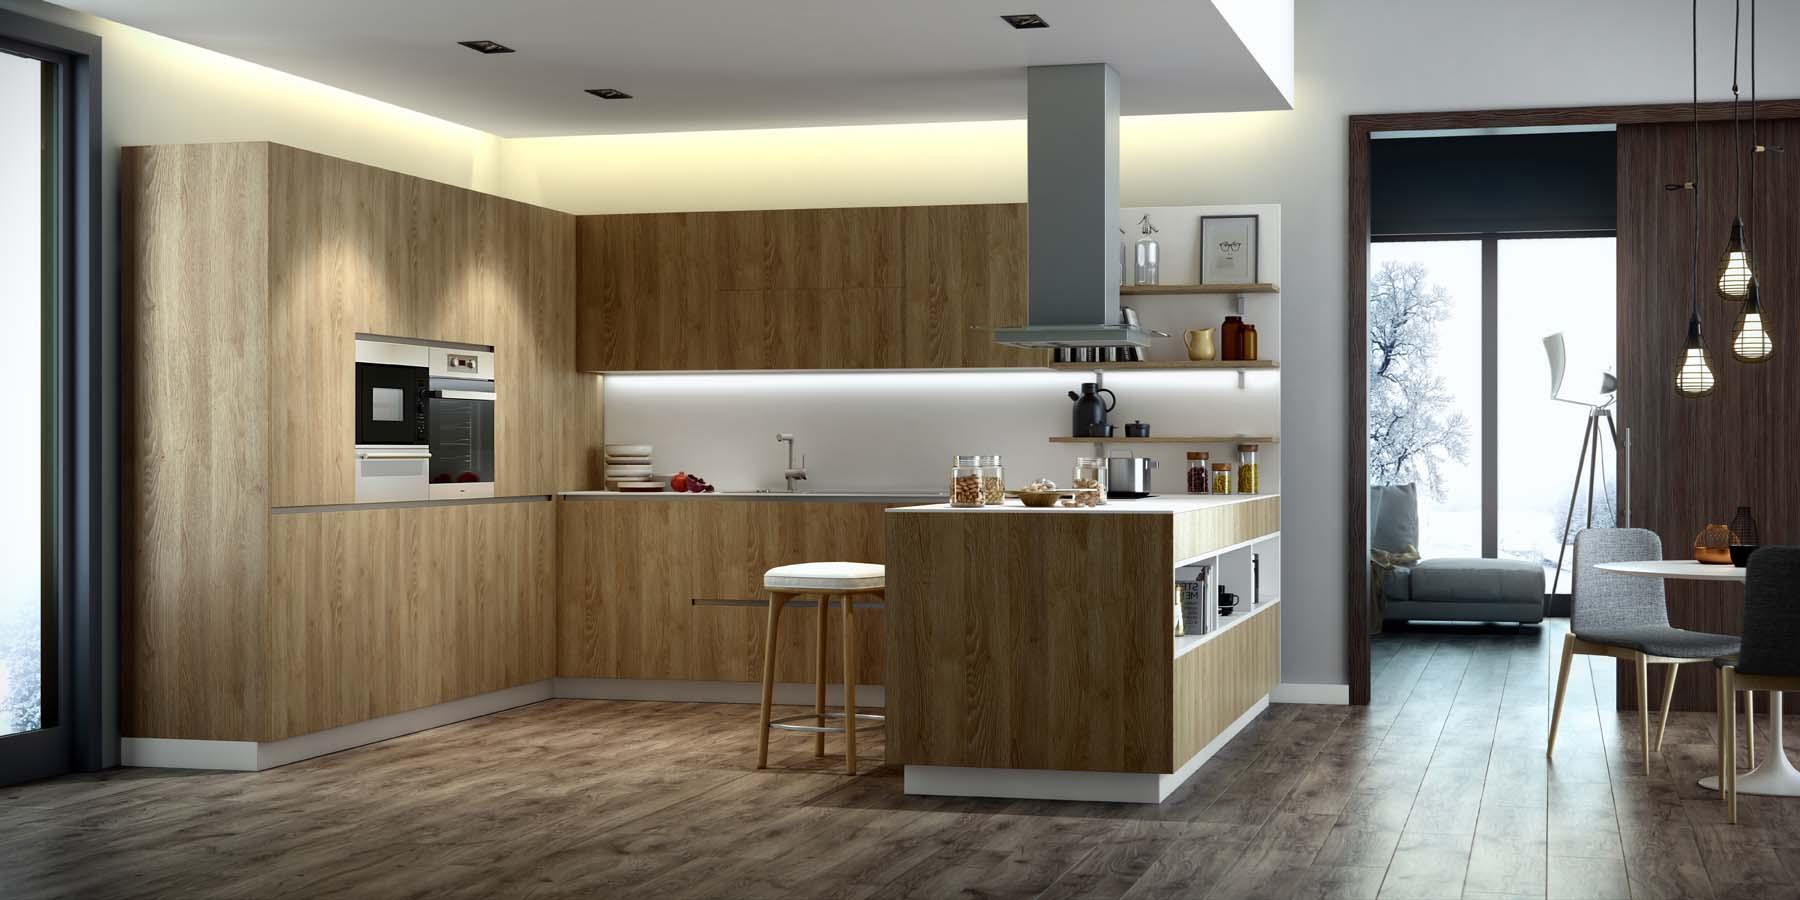 Encantador Mesas De Cocina Baratos Melbourne Modelo - Ideas Del ...